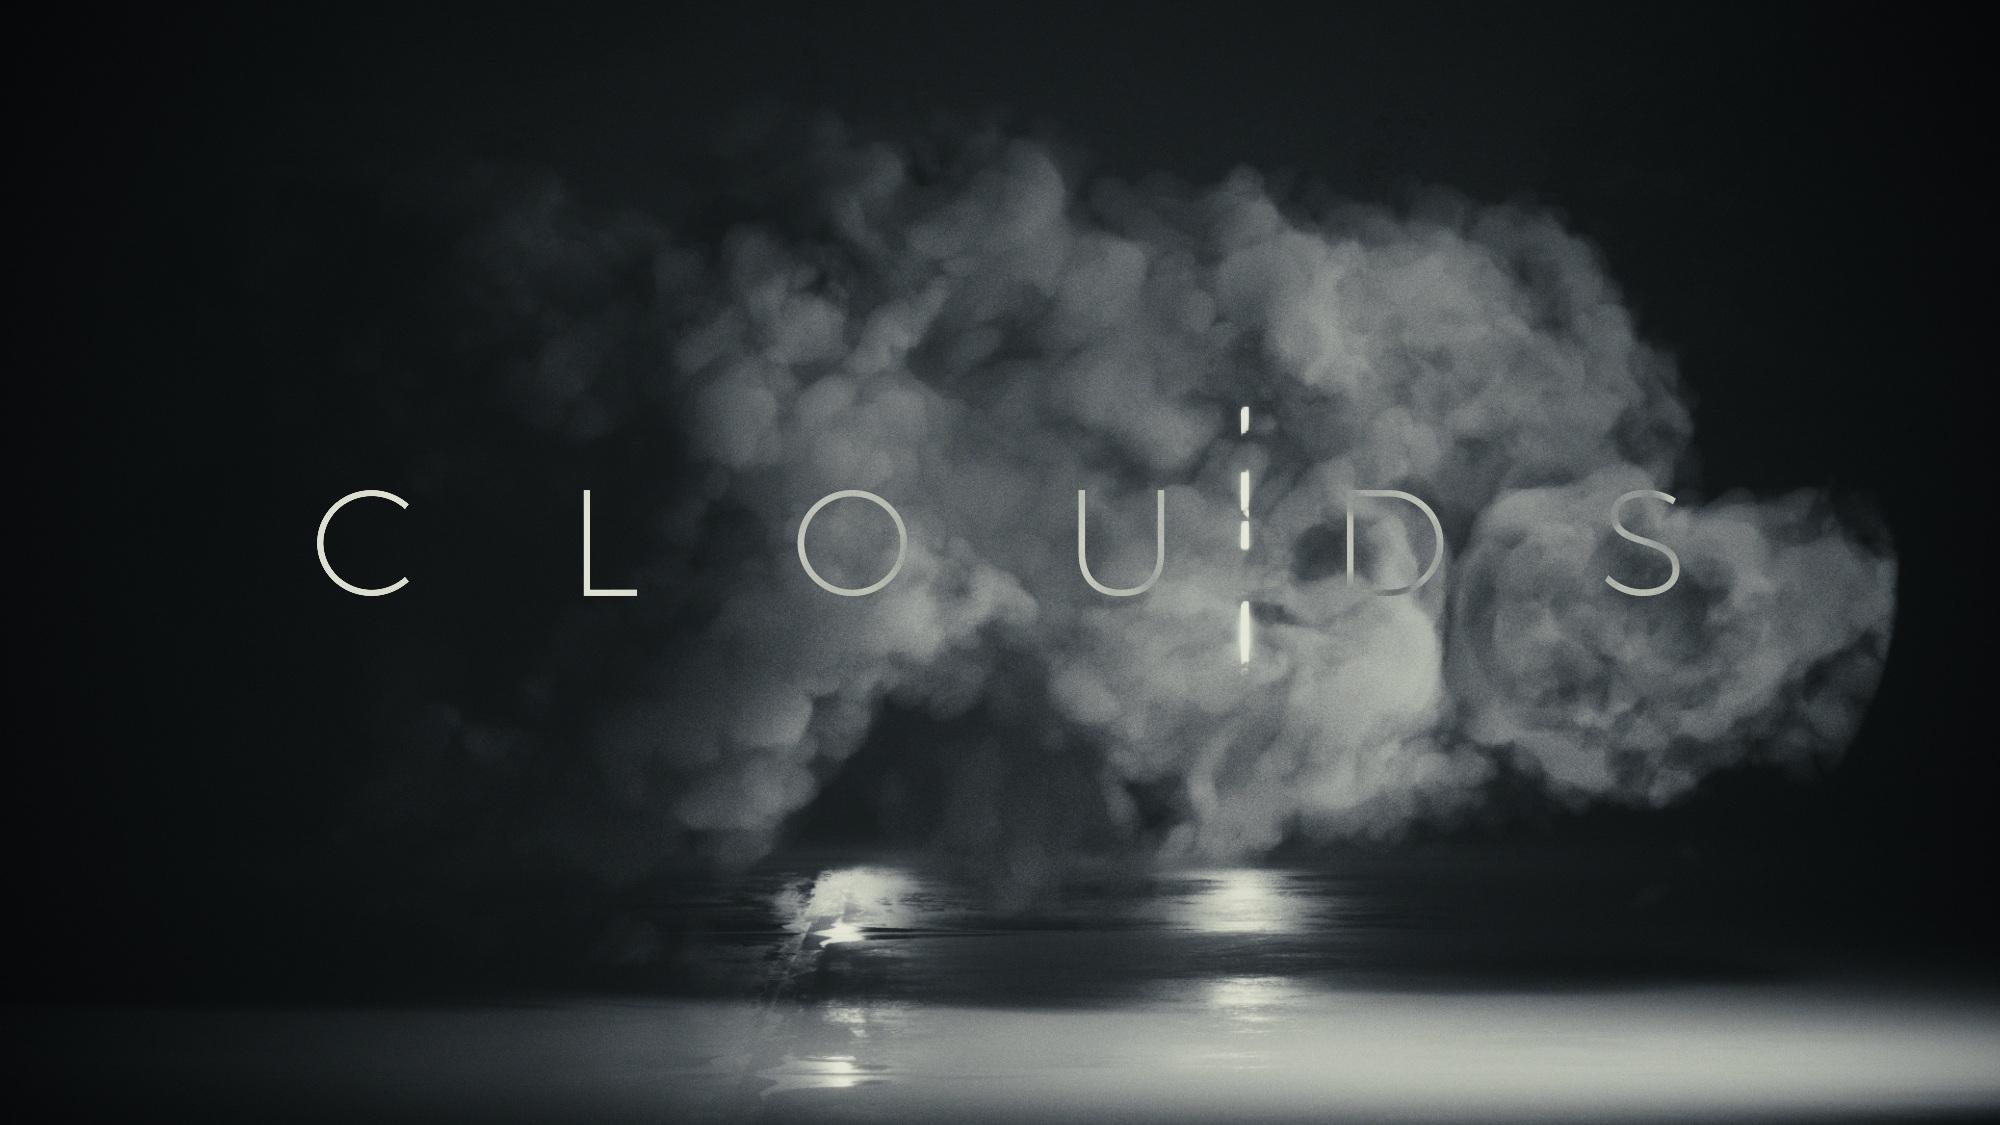 Clouds_A2.jpg